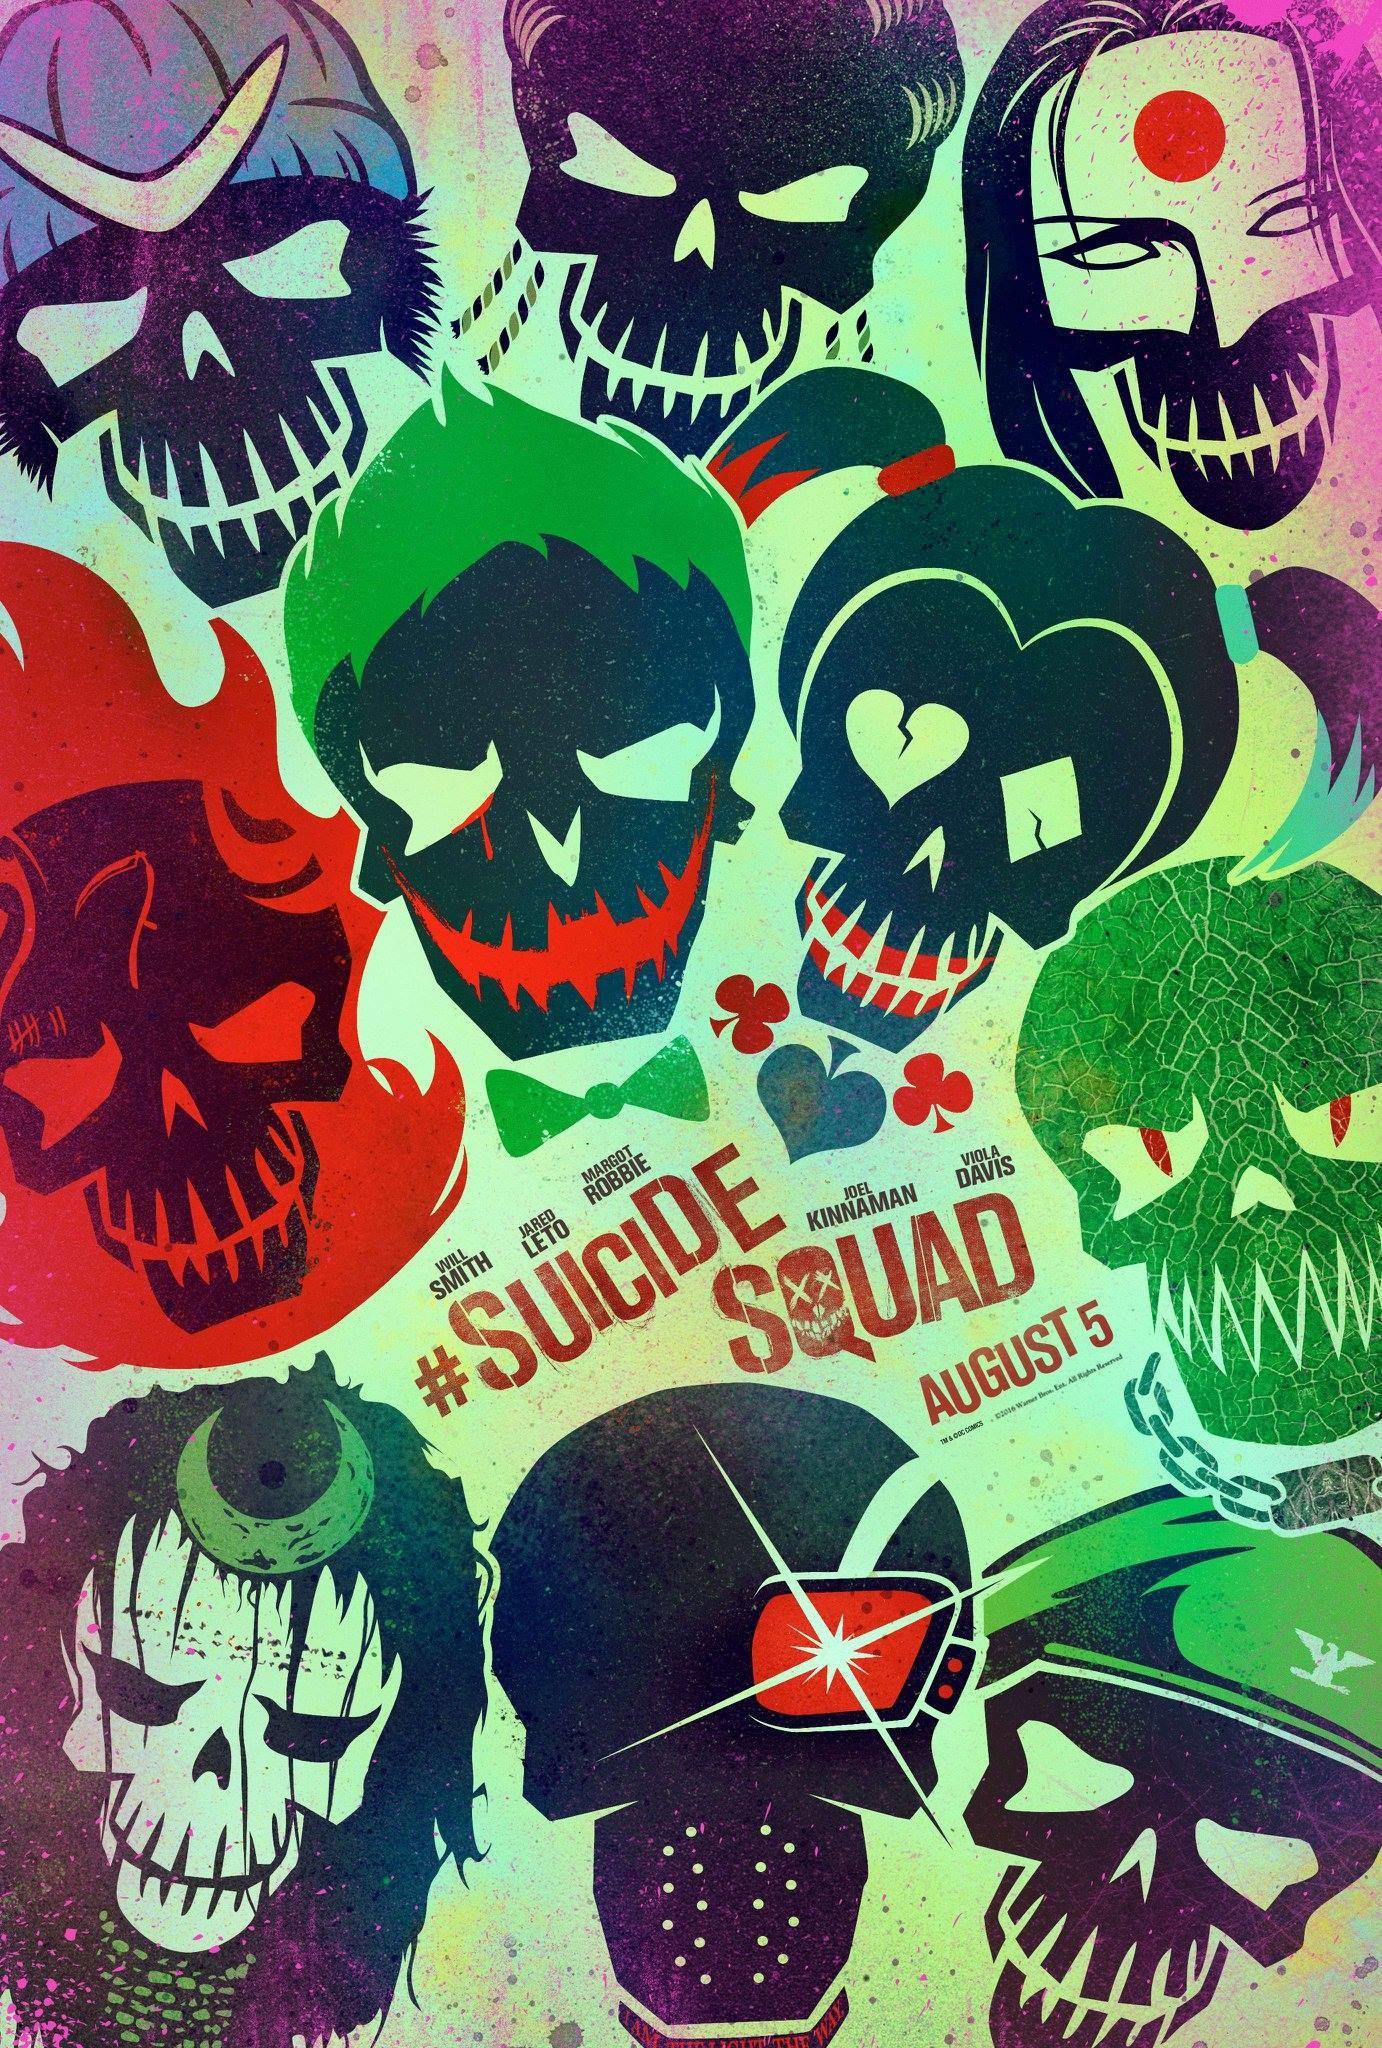 Suicide Squad HD Desktop Wallpapers   7wallpapers.net